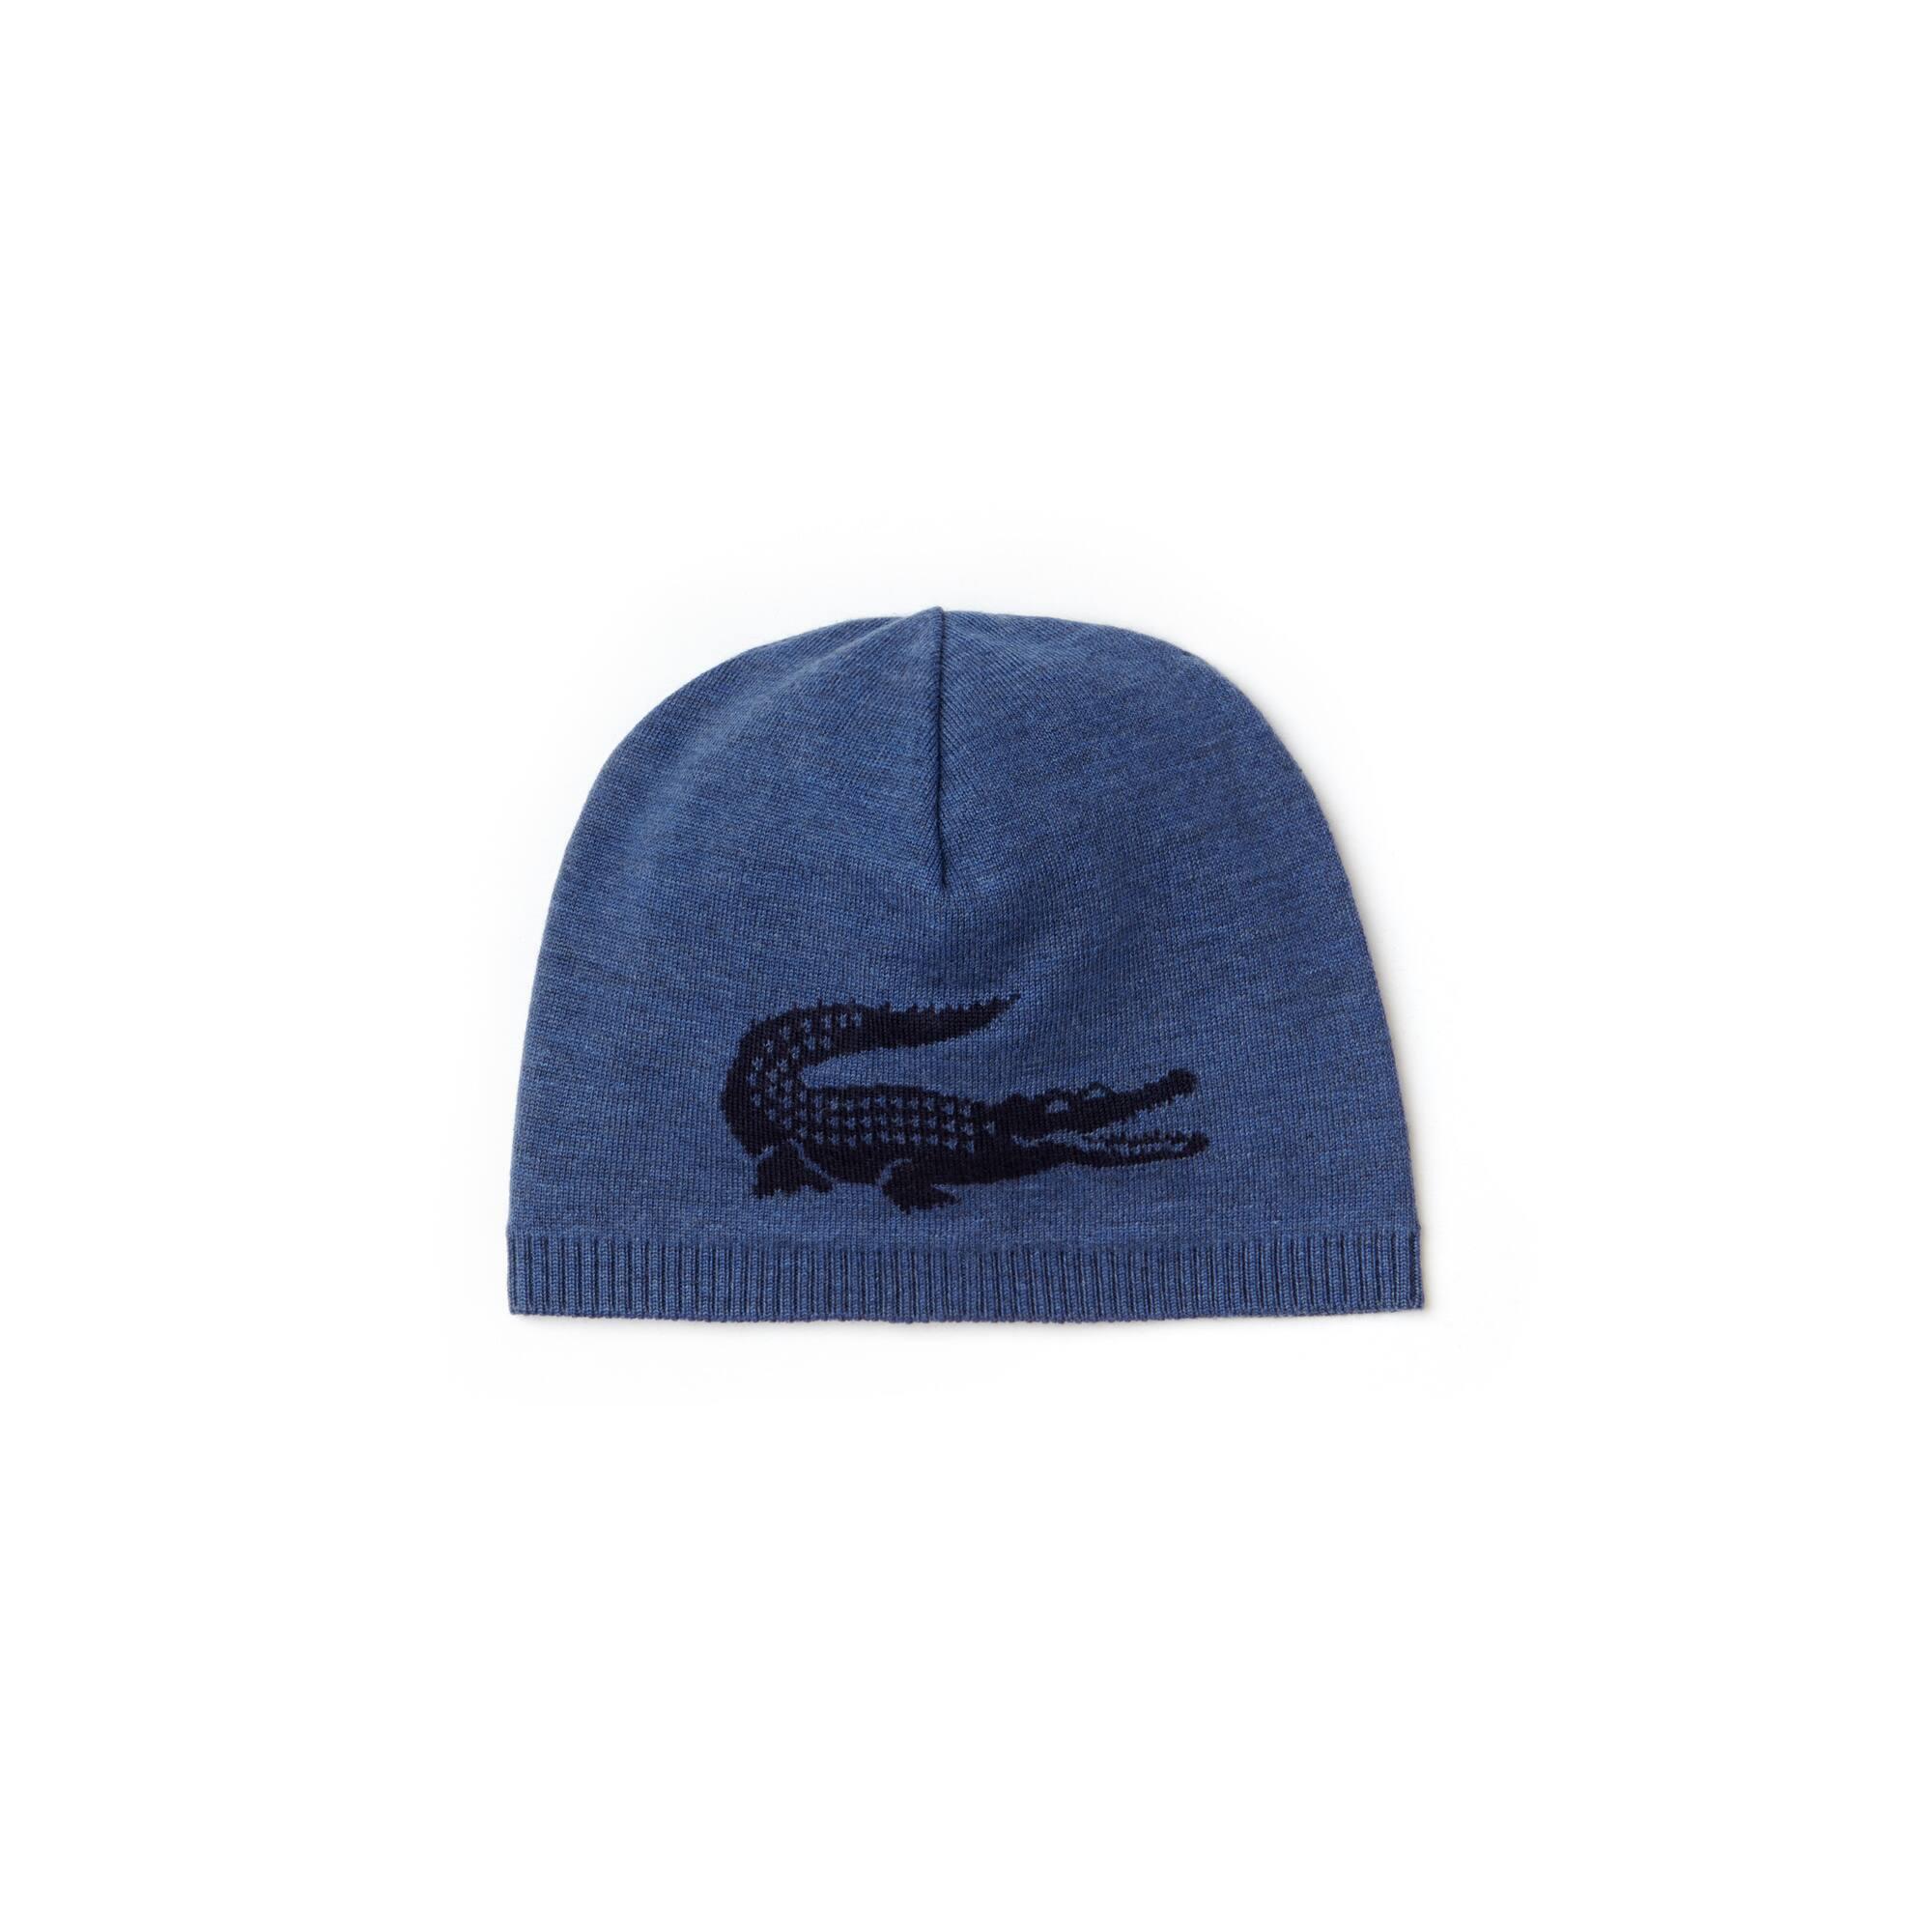 قبعة صغيرة من الصوف مزدانة بشعار التمساح المُصنَّع من نسيج الجاكار للرجال